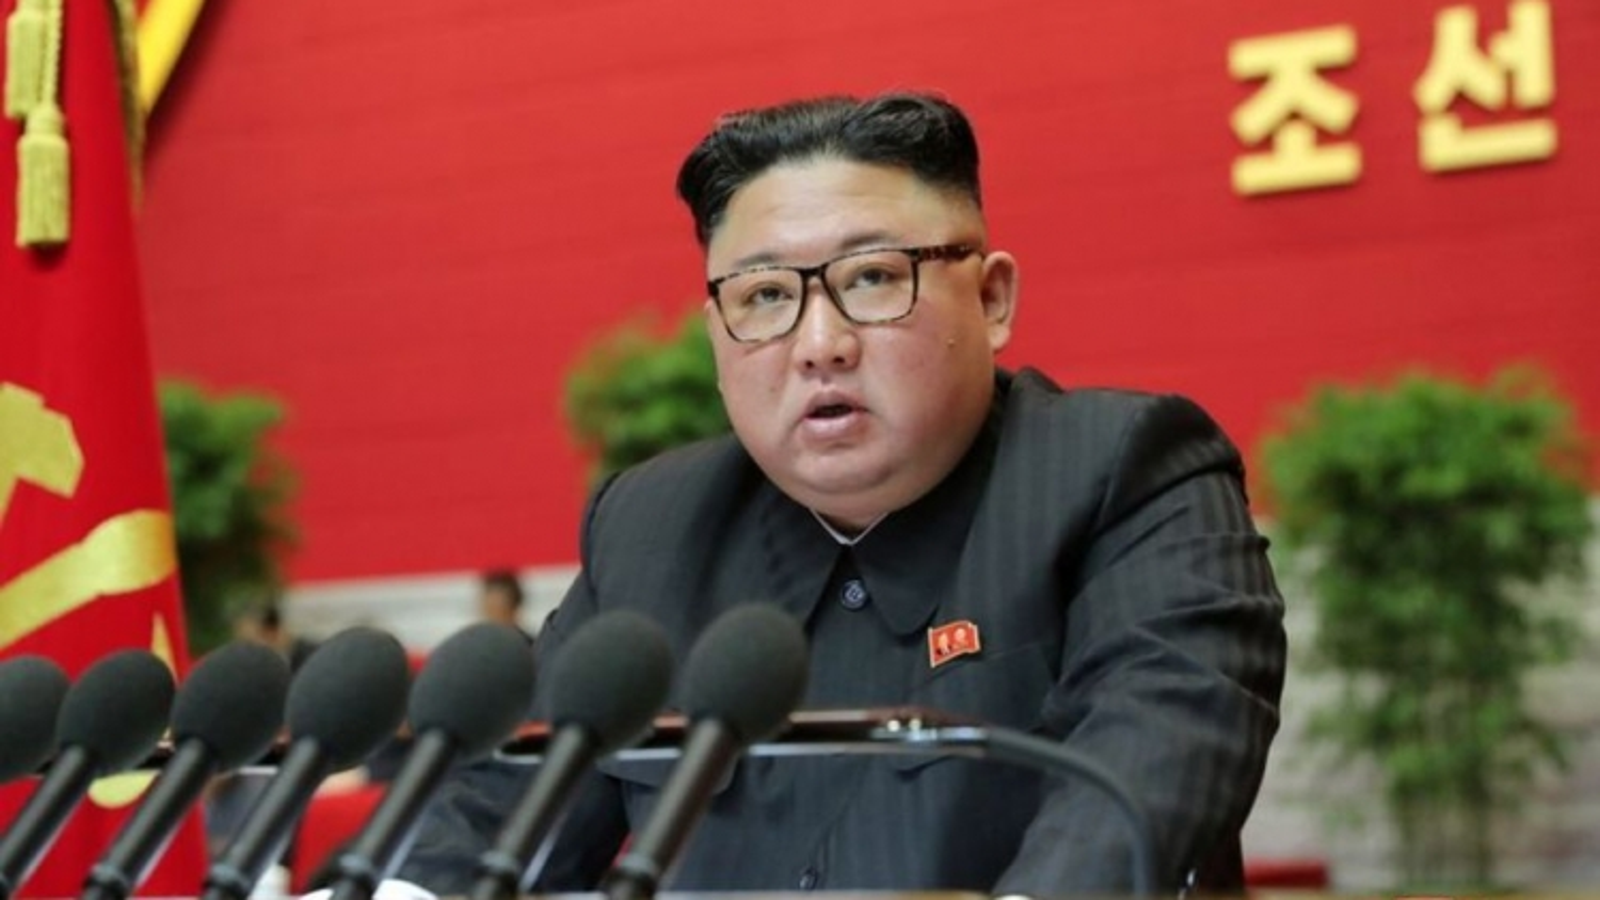 Triều Tiên cải tổ Nội các sau Đại hội Đảng Lao động